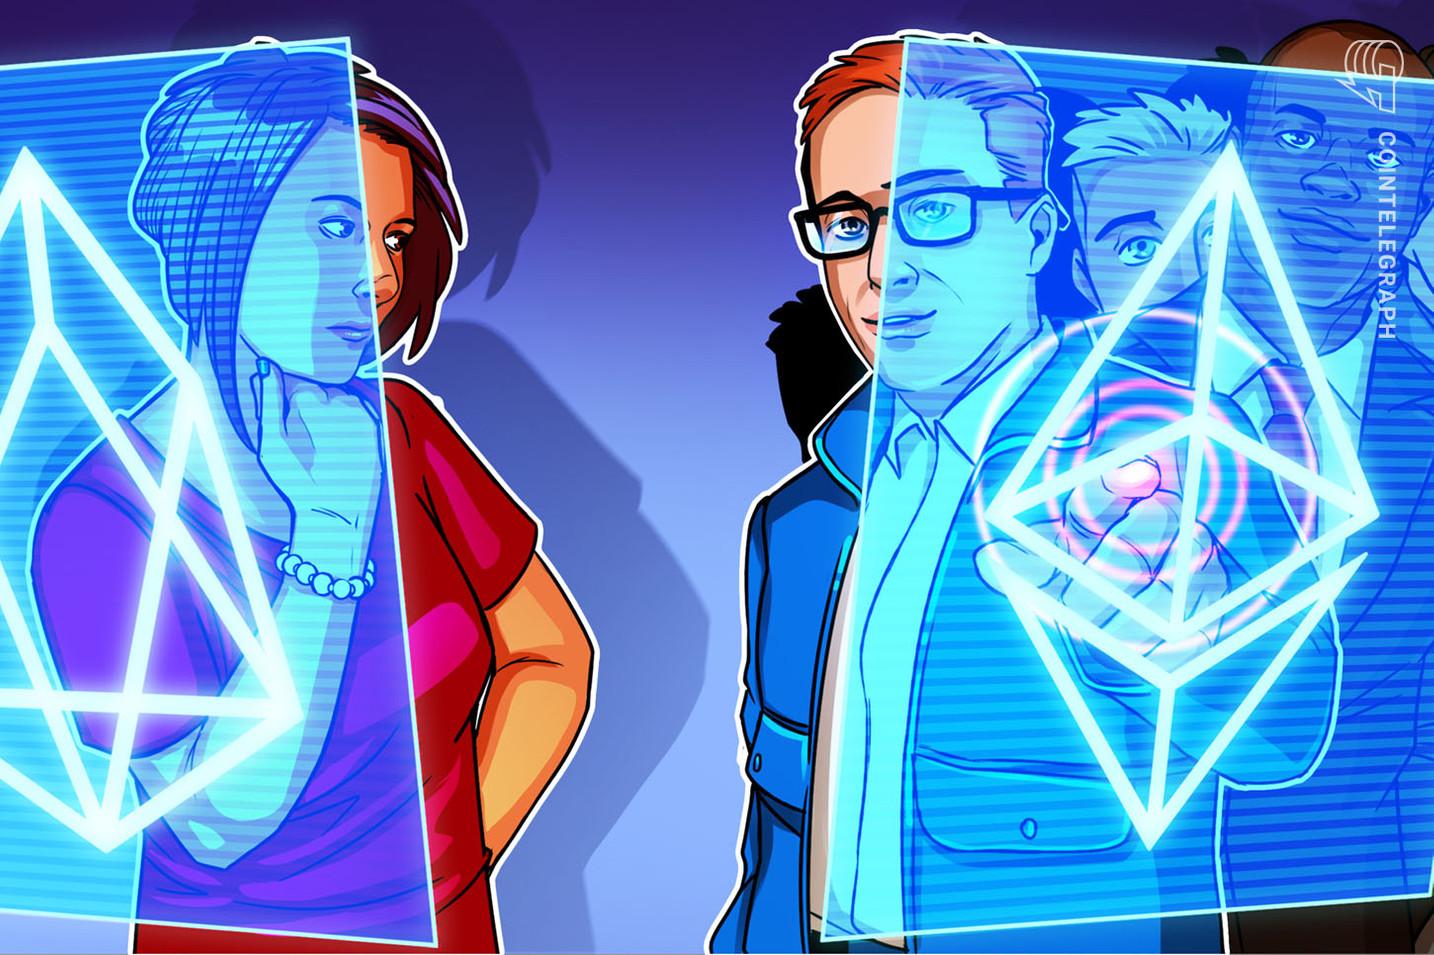 Krypto-Wettanbieter gerät wegen Berufung auf AP-Meldung in die Kritik